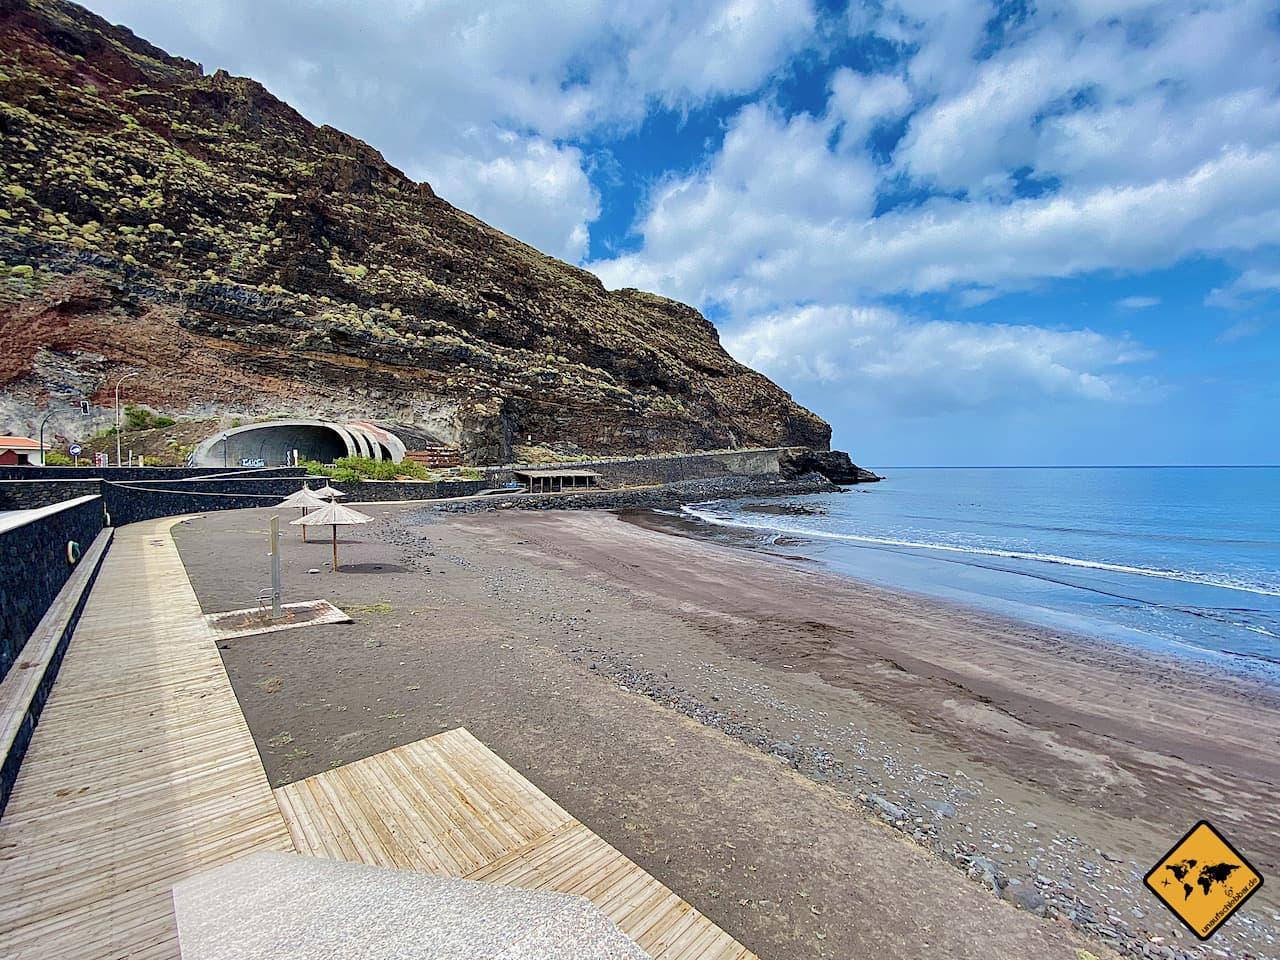 Strand El Hierro Playa de Timijiraque